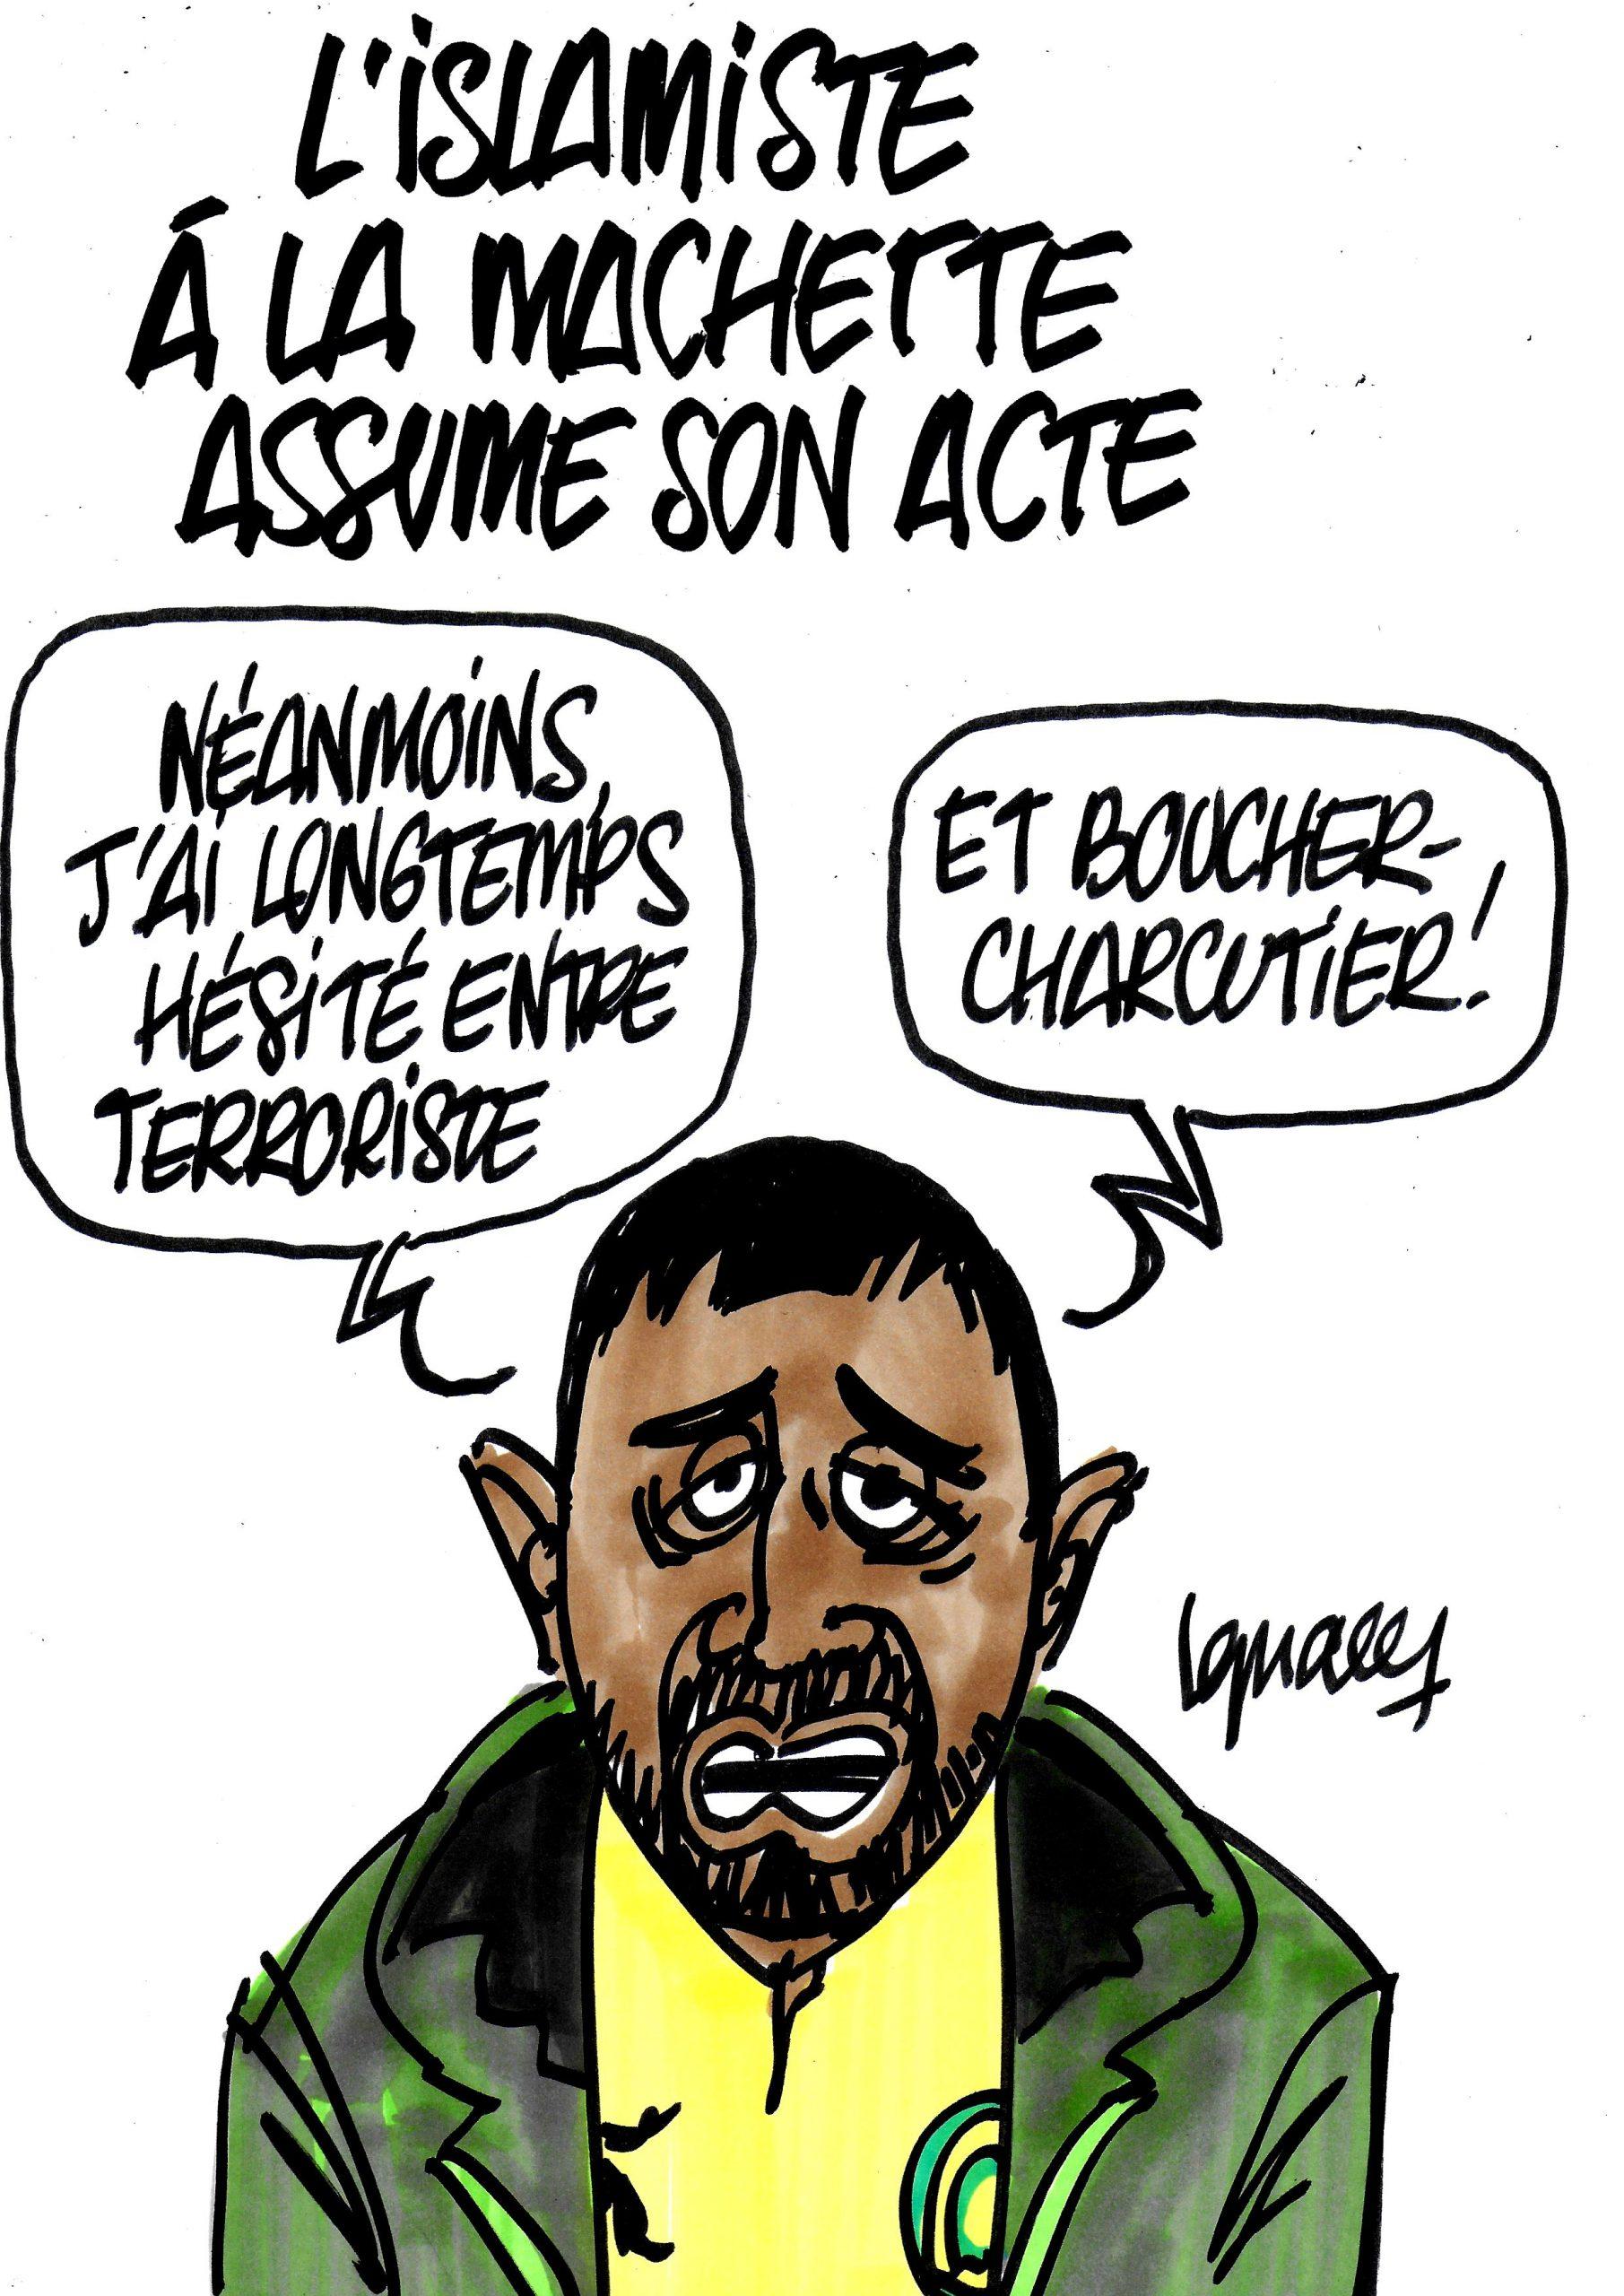 Ignace - L'islamiste à la machette assume son acte